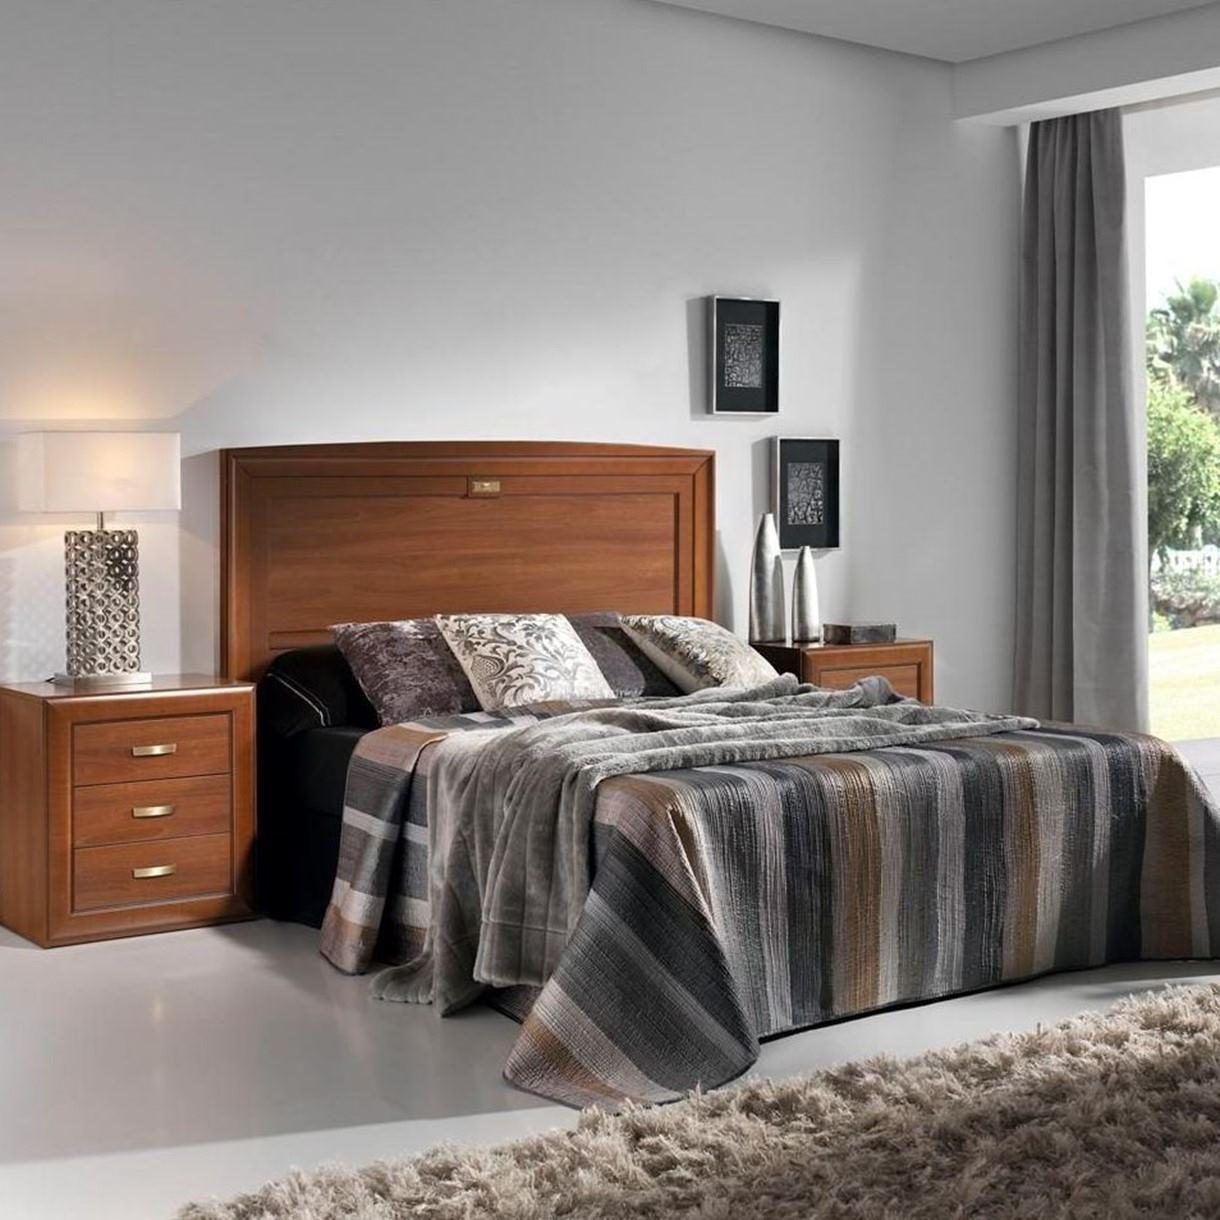 Dormitorios de matrimonio de estilo cl sico y colonial - Dormitorio estilo colonial ...